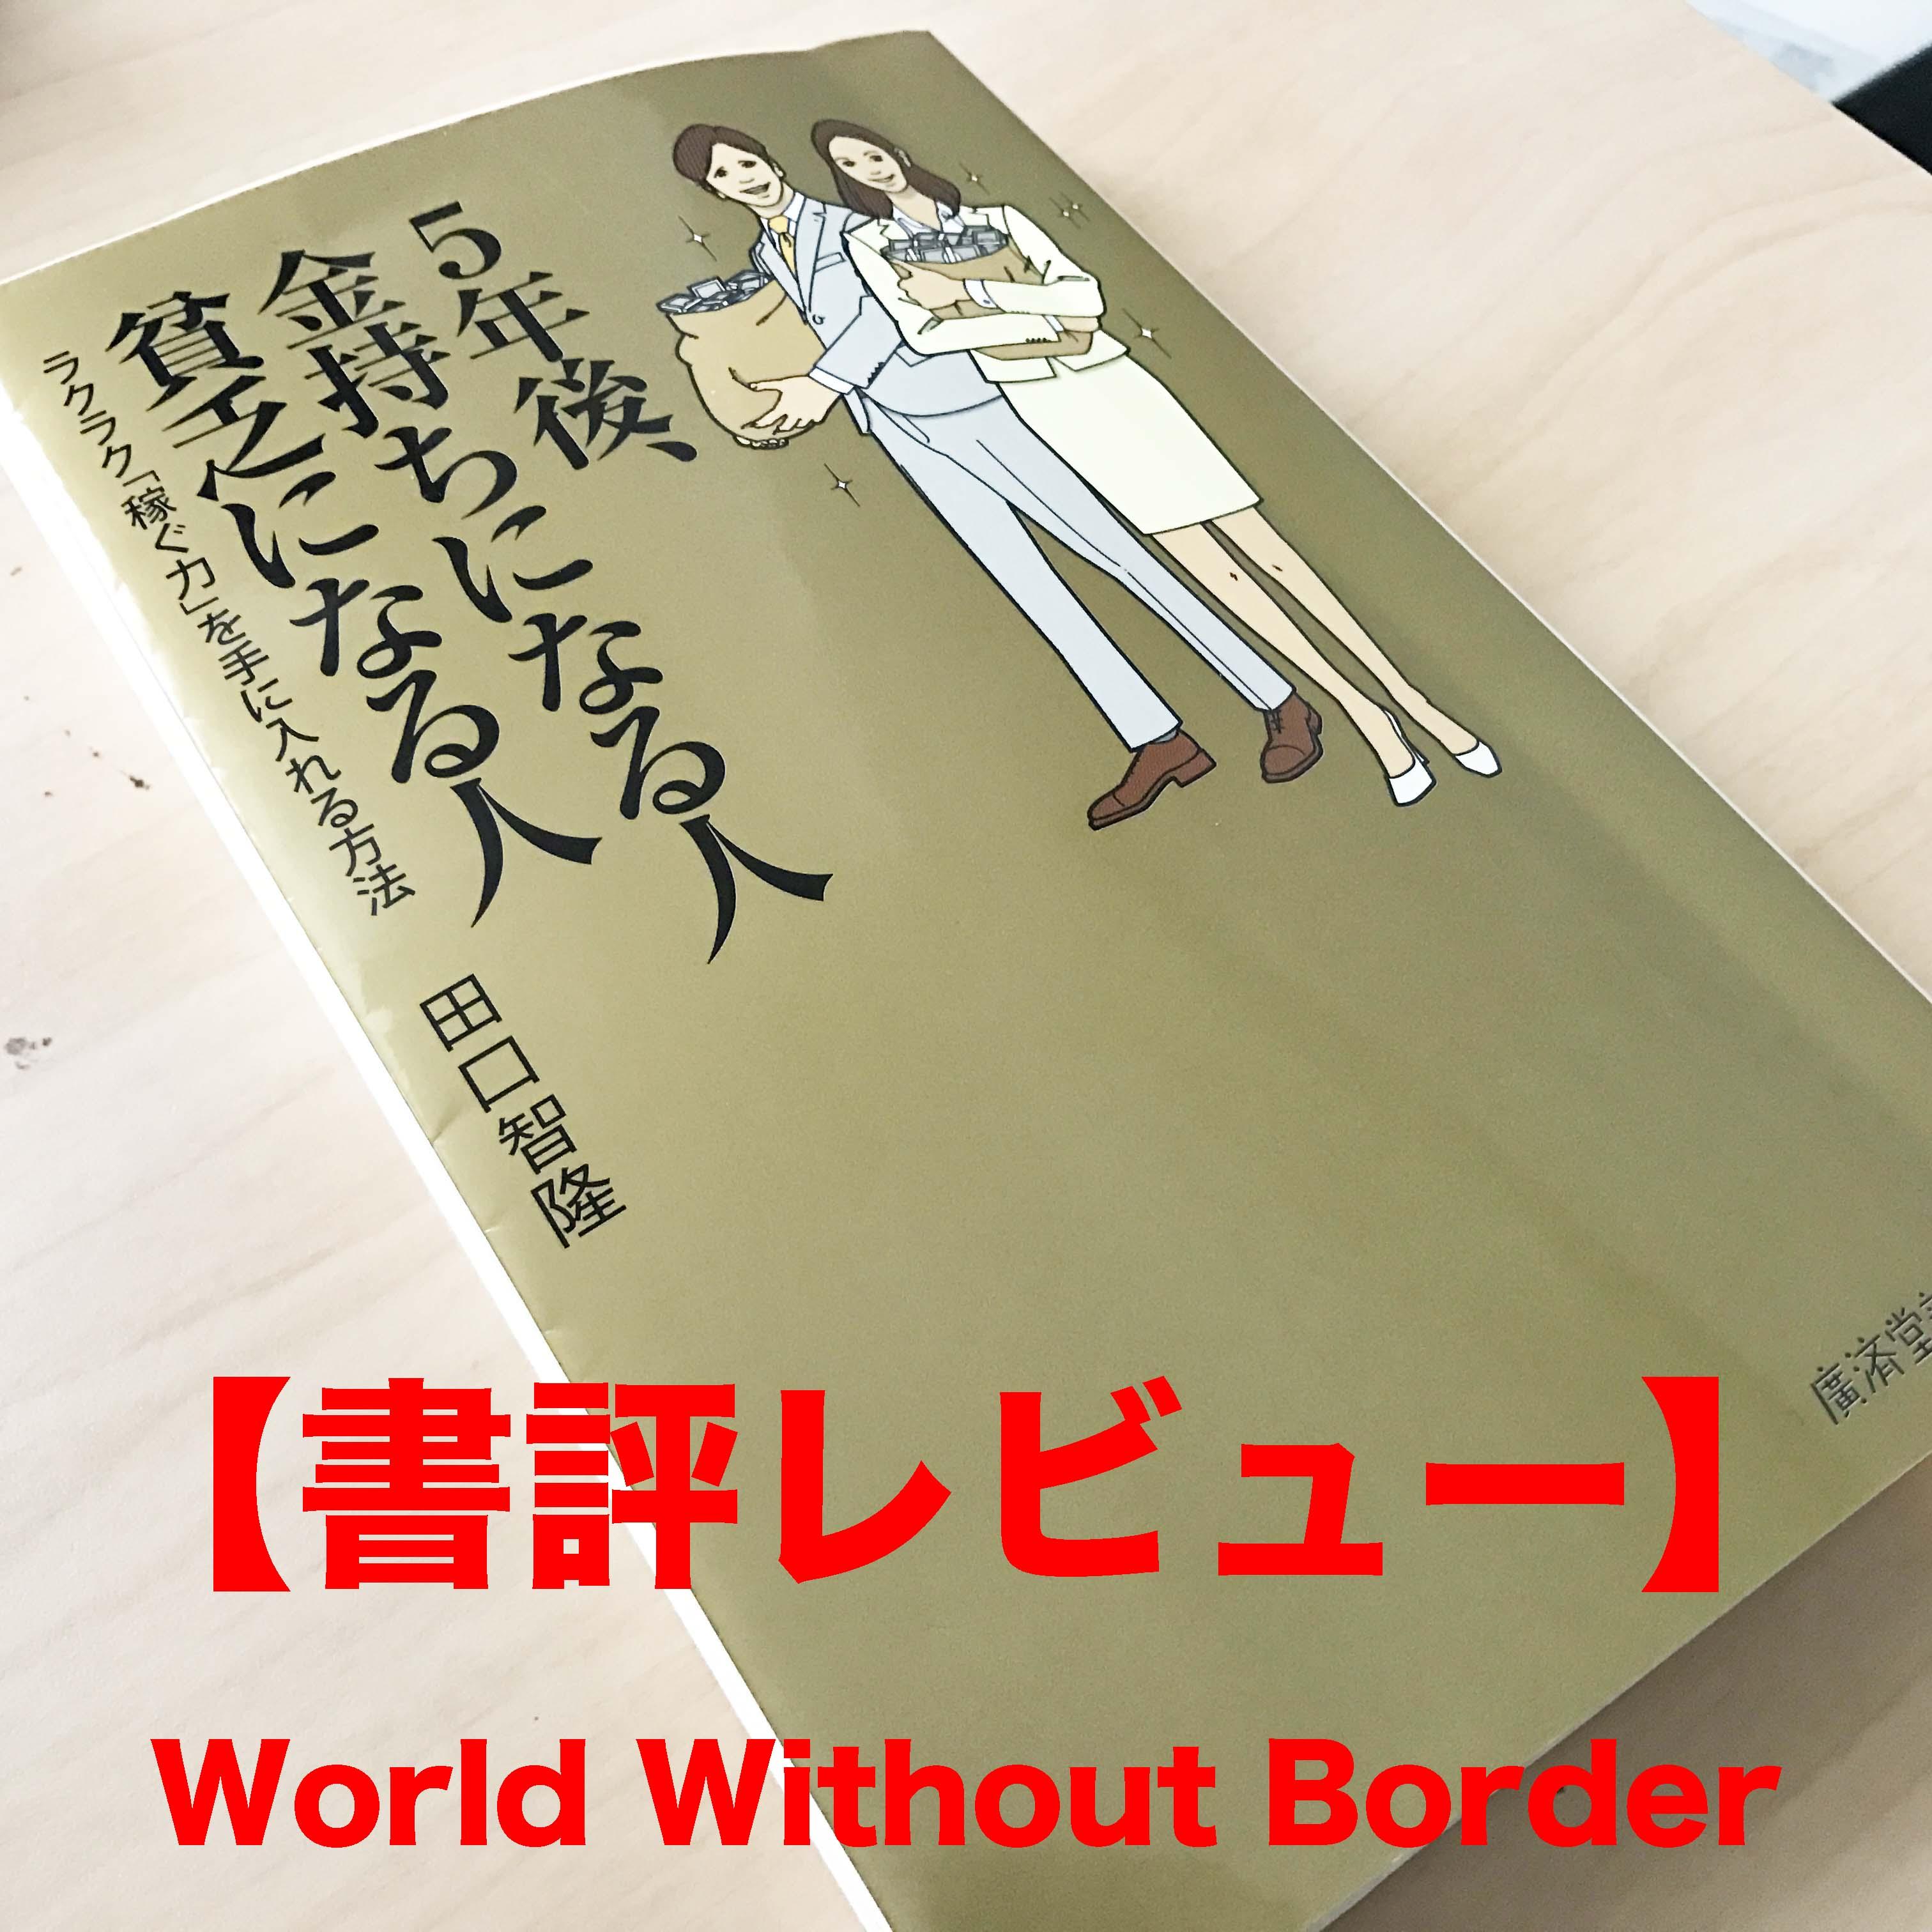 【書評レビュー】田口智隆『5年後、金持ちになる人 貧乏になる人』